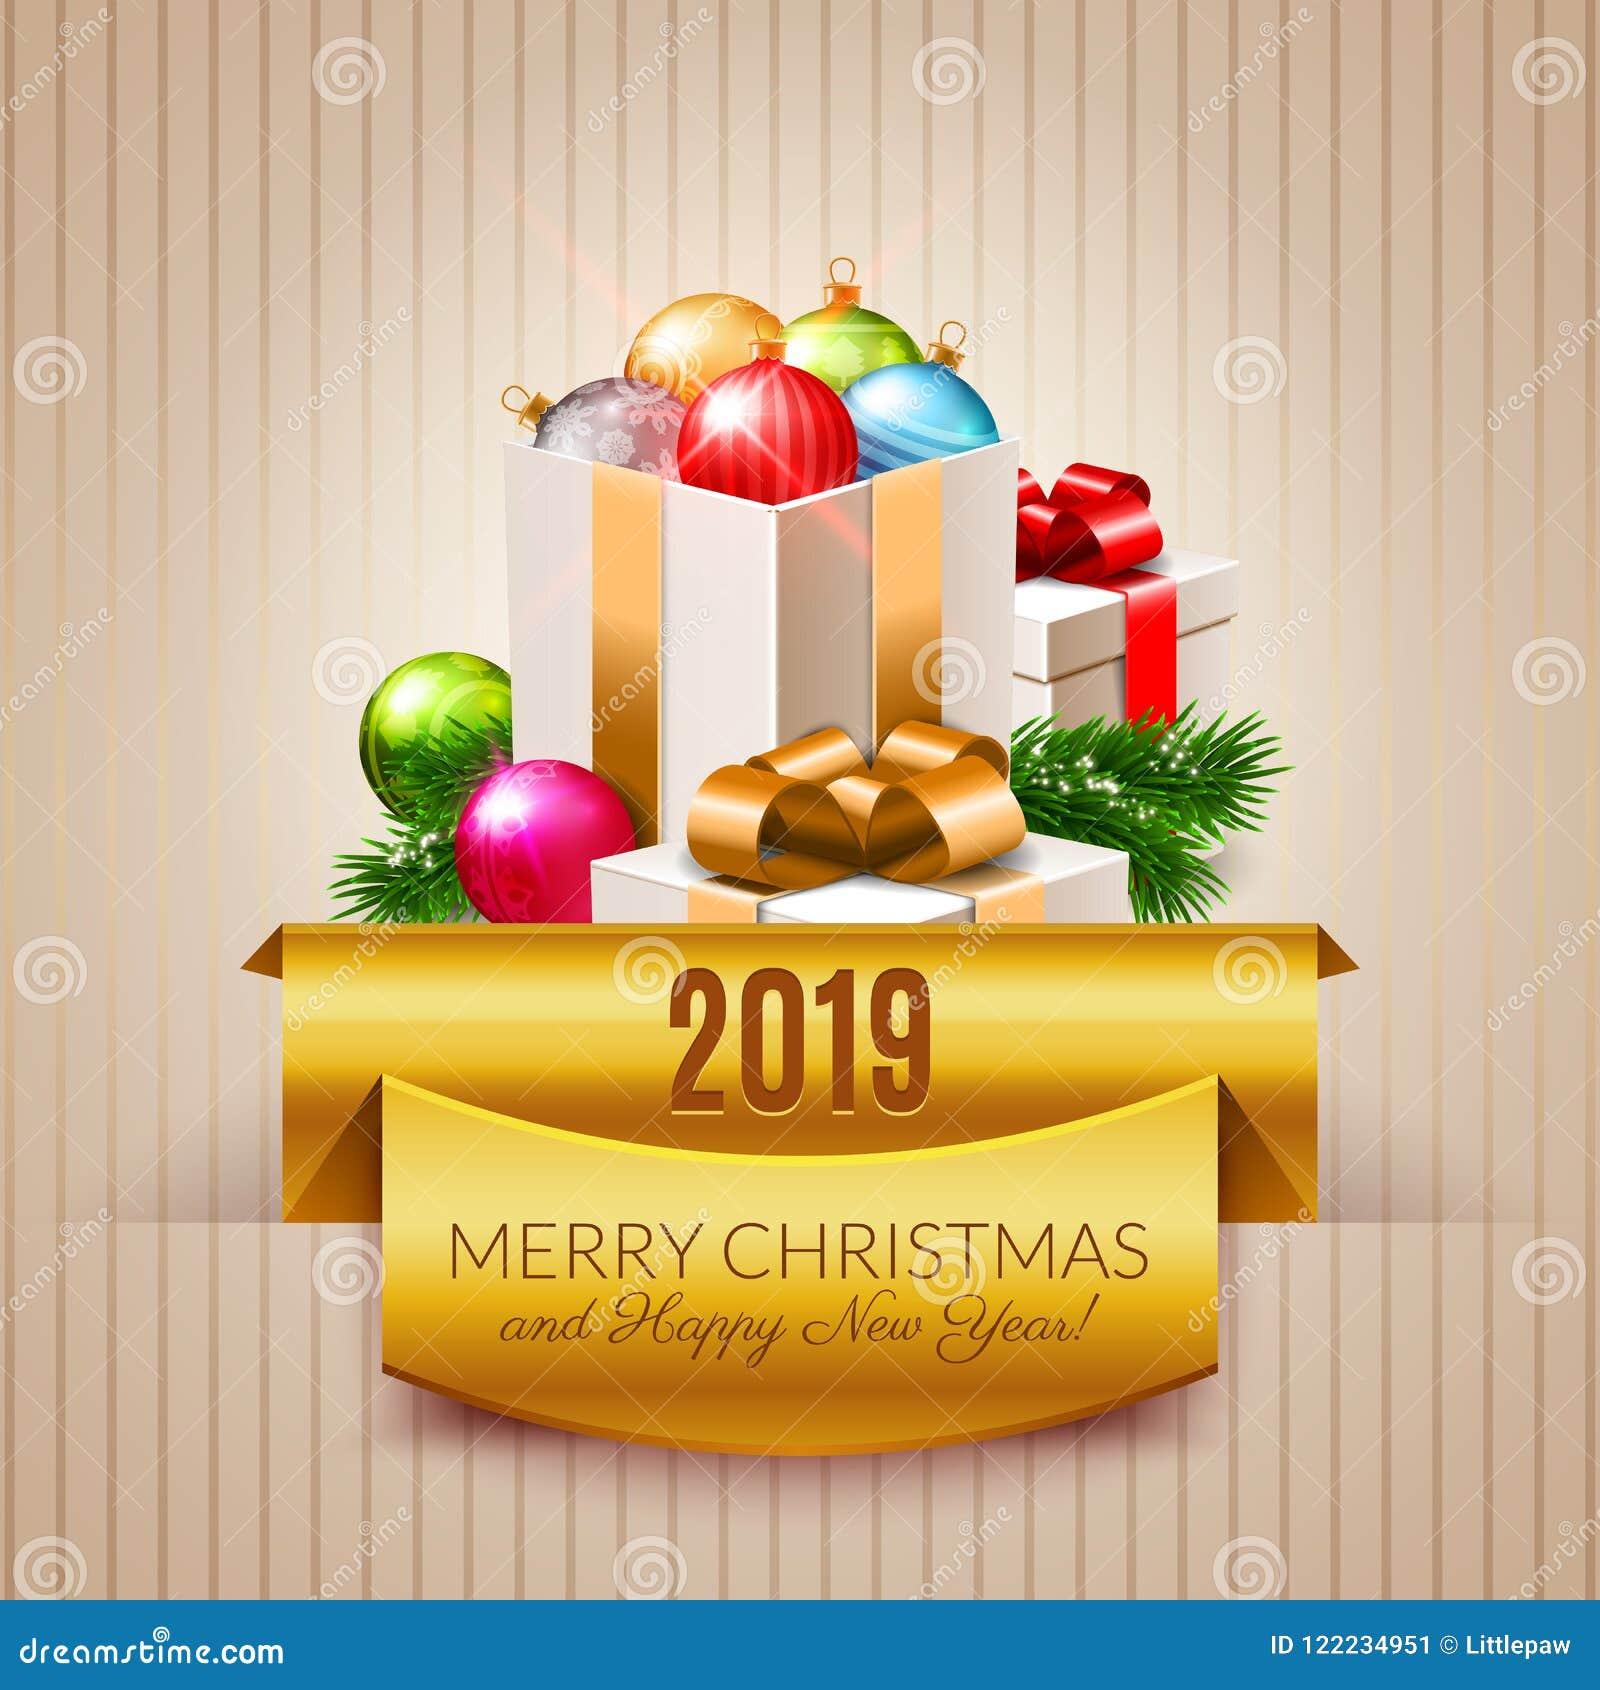 Photos De Joyeux Noel 2019.Bonne Annee 2019 Image Joyeux Noel Et Bonne Annee 2019